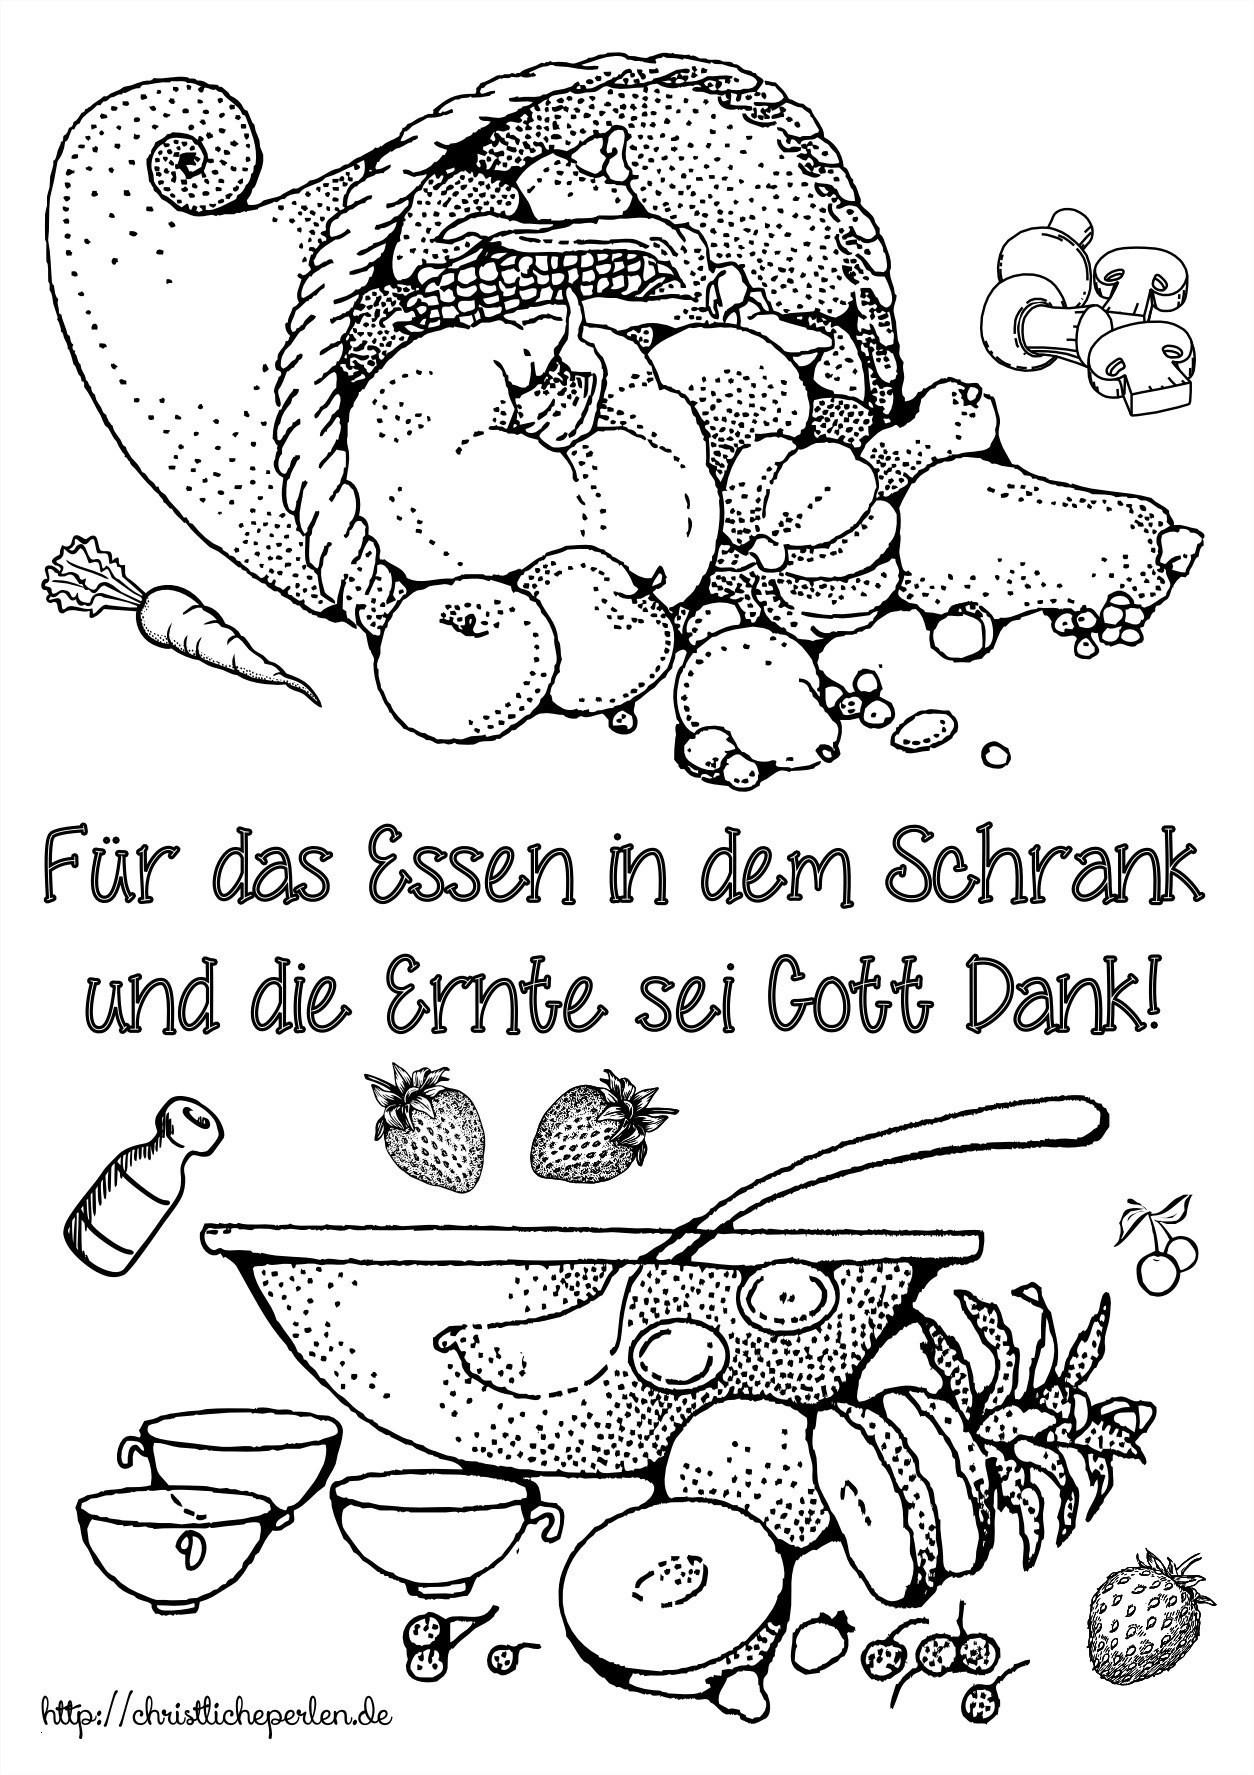 Micky Maus Malvorlage Frisch Drachen Herbst Ausmalbilder Elegant 35 Micky Maus Ausmalbilder Galerie